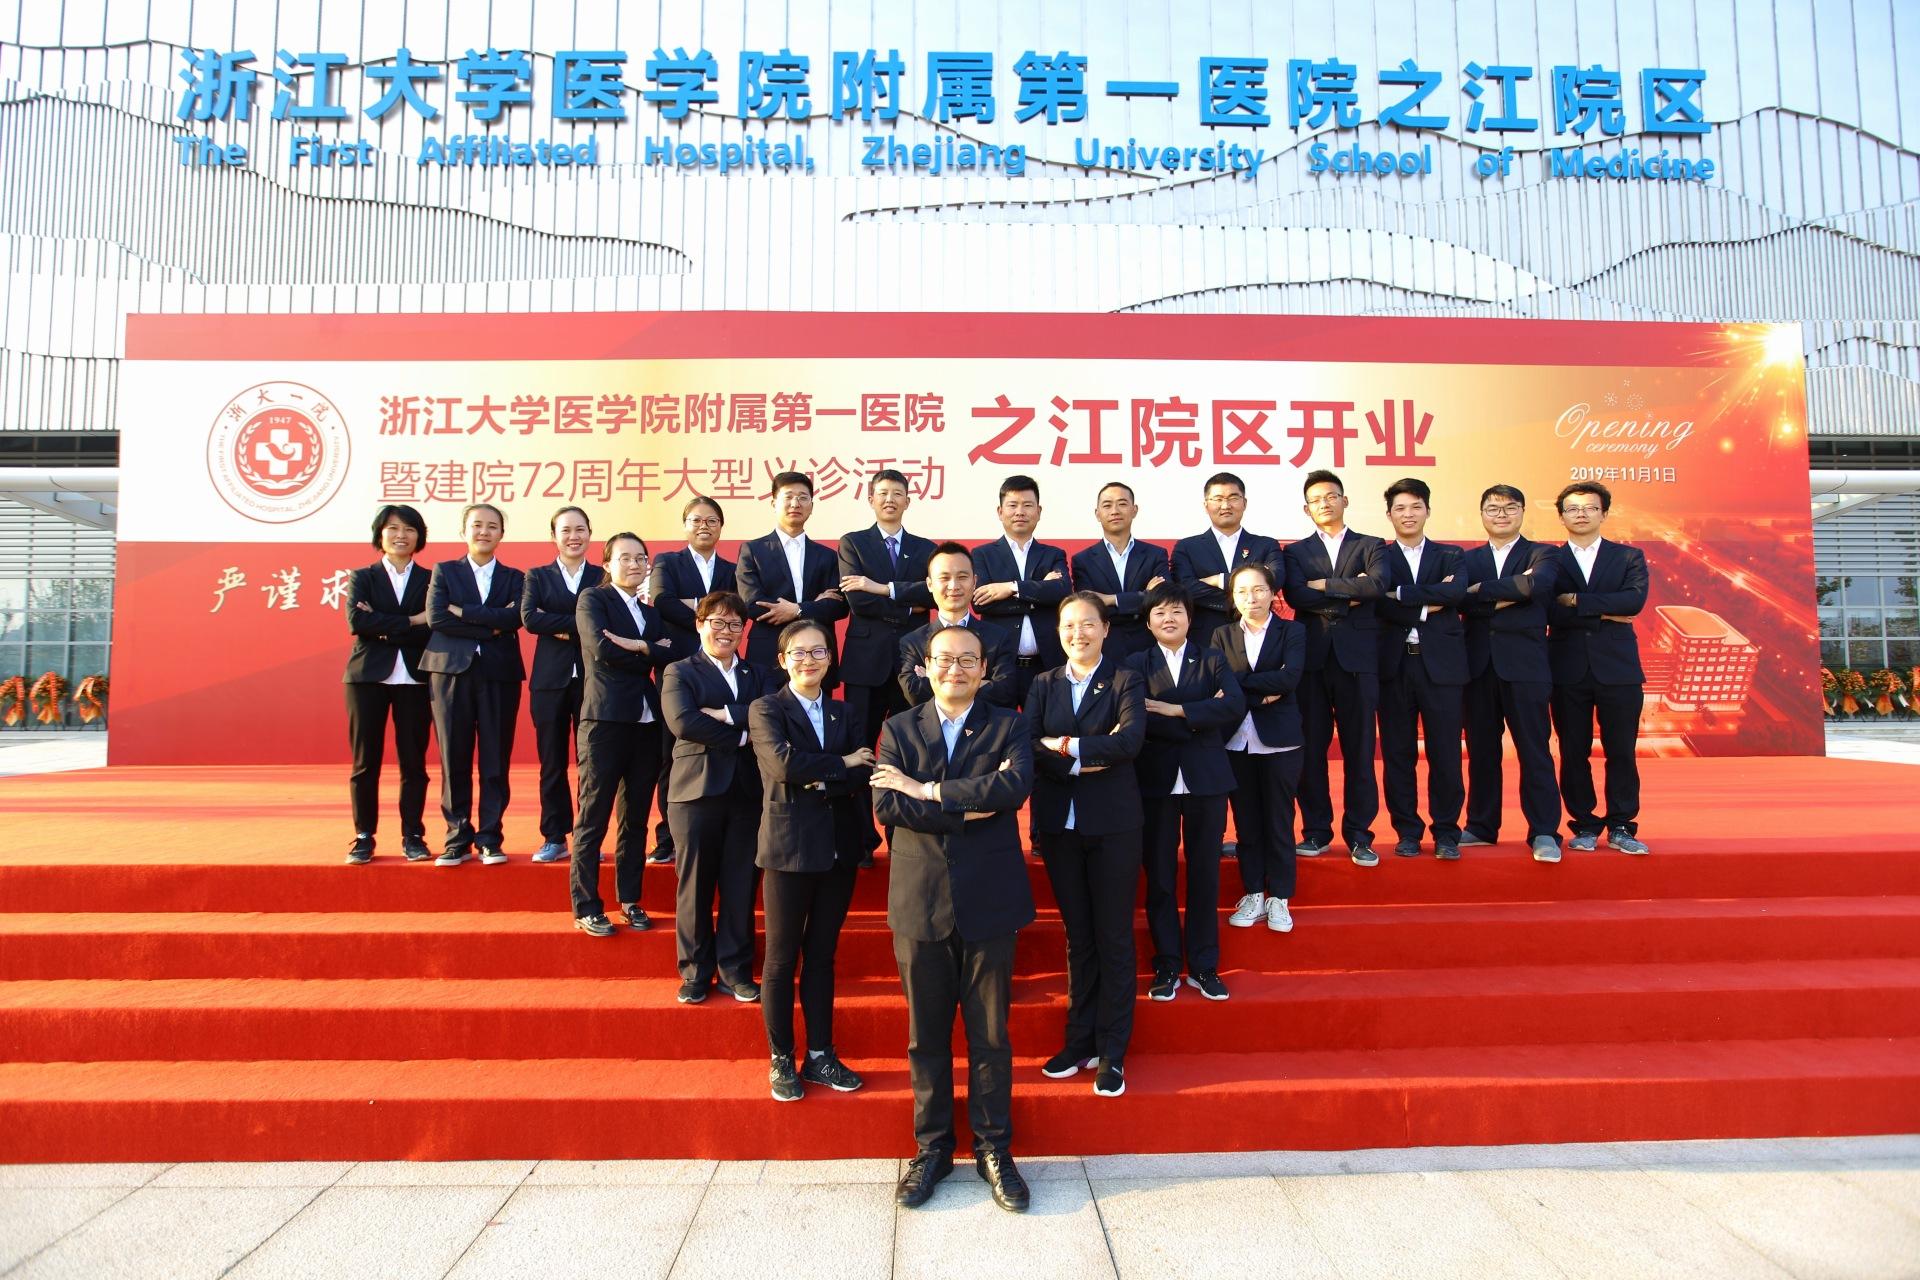 物业服务中心第六党支部组织志愿服务活动